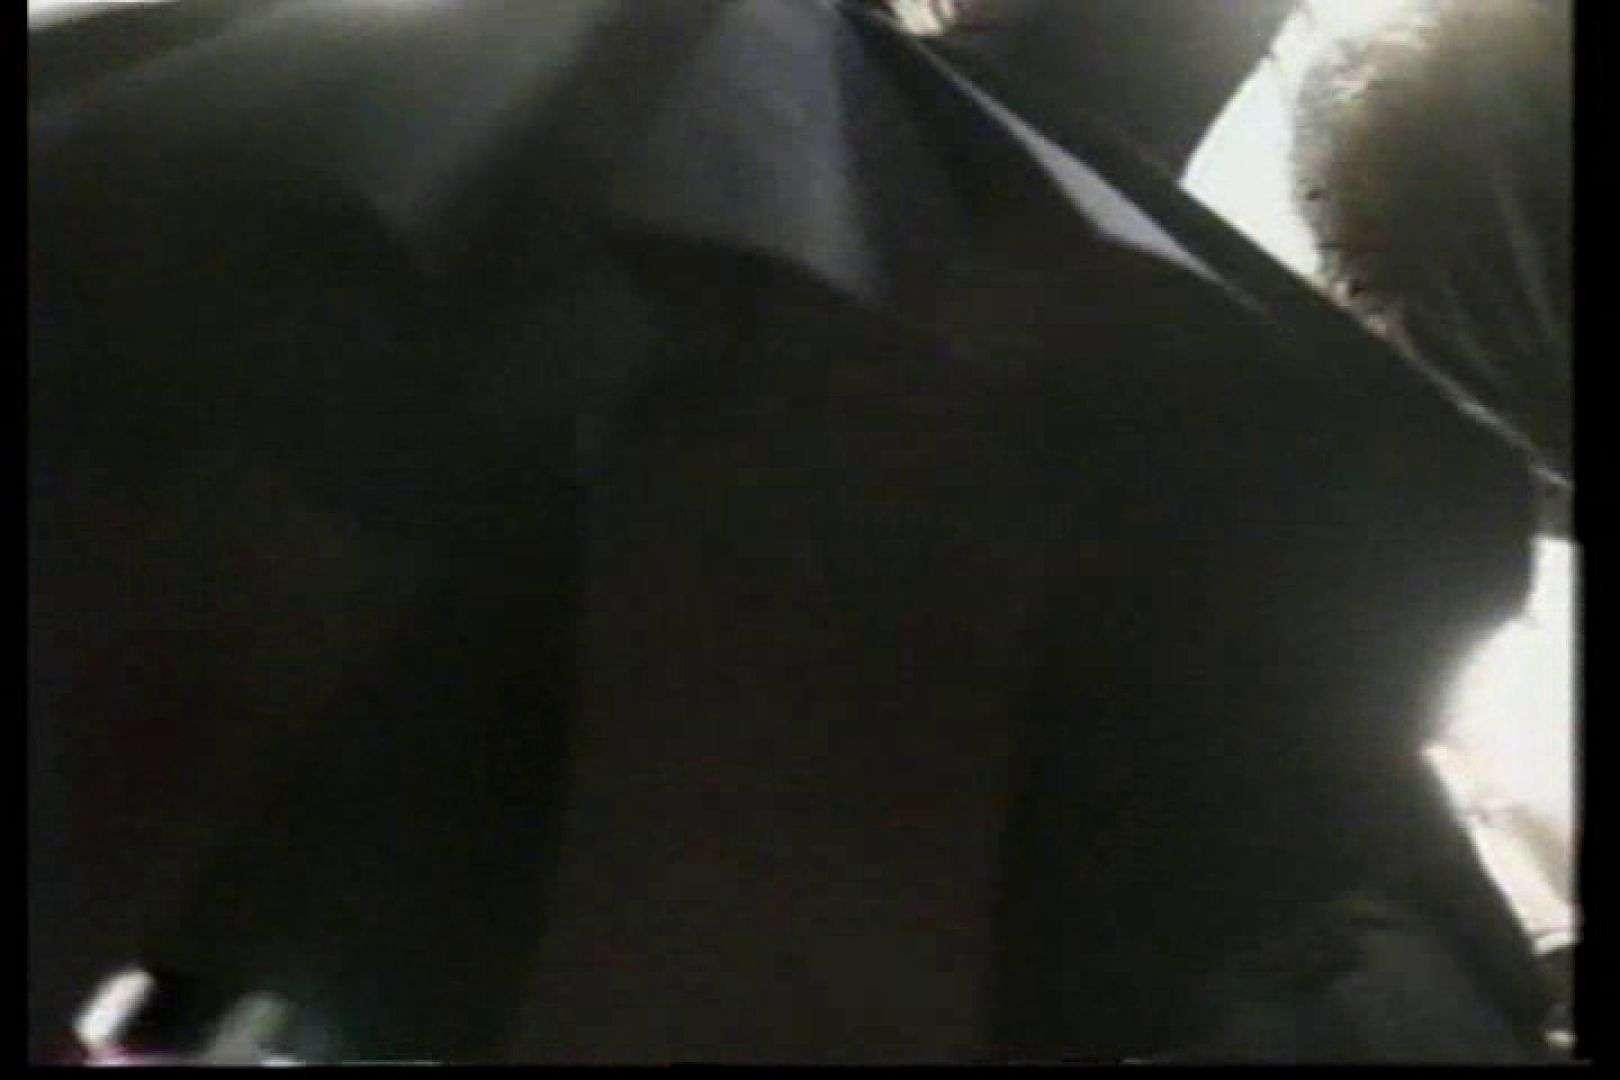 女子大生 夏服に替えれば下着も替わる モッコリを目で感触 TK-77 パンツ オメコ無修正動画無料 89枚